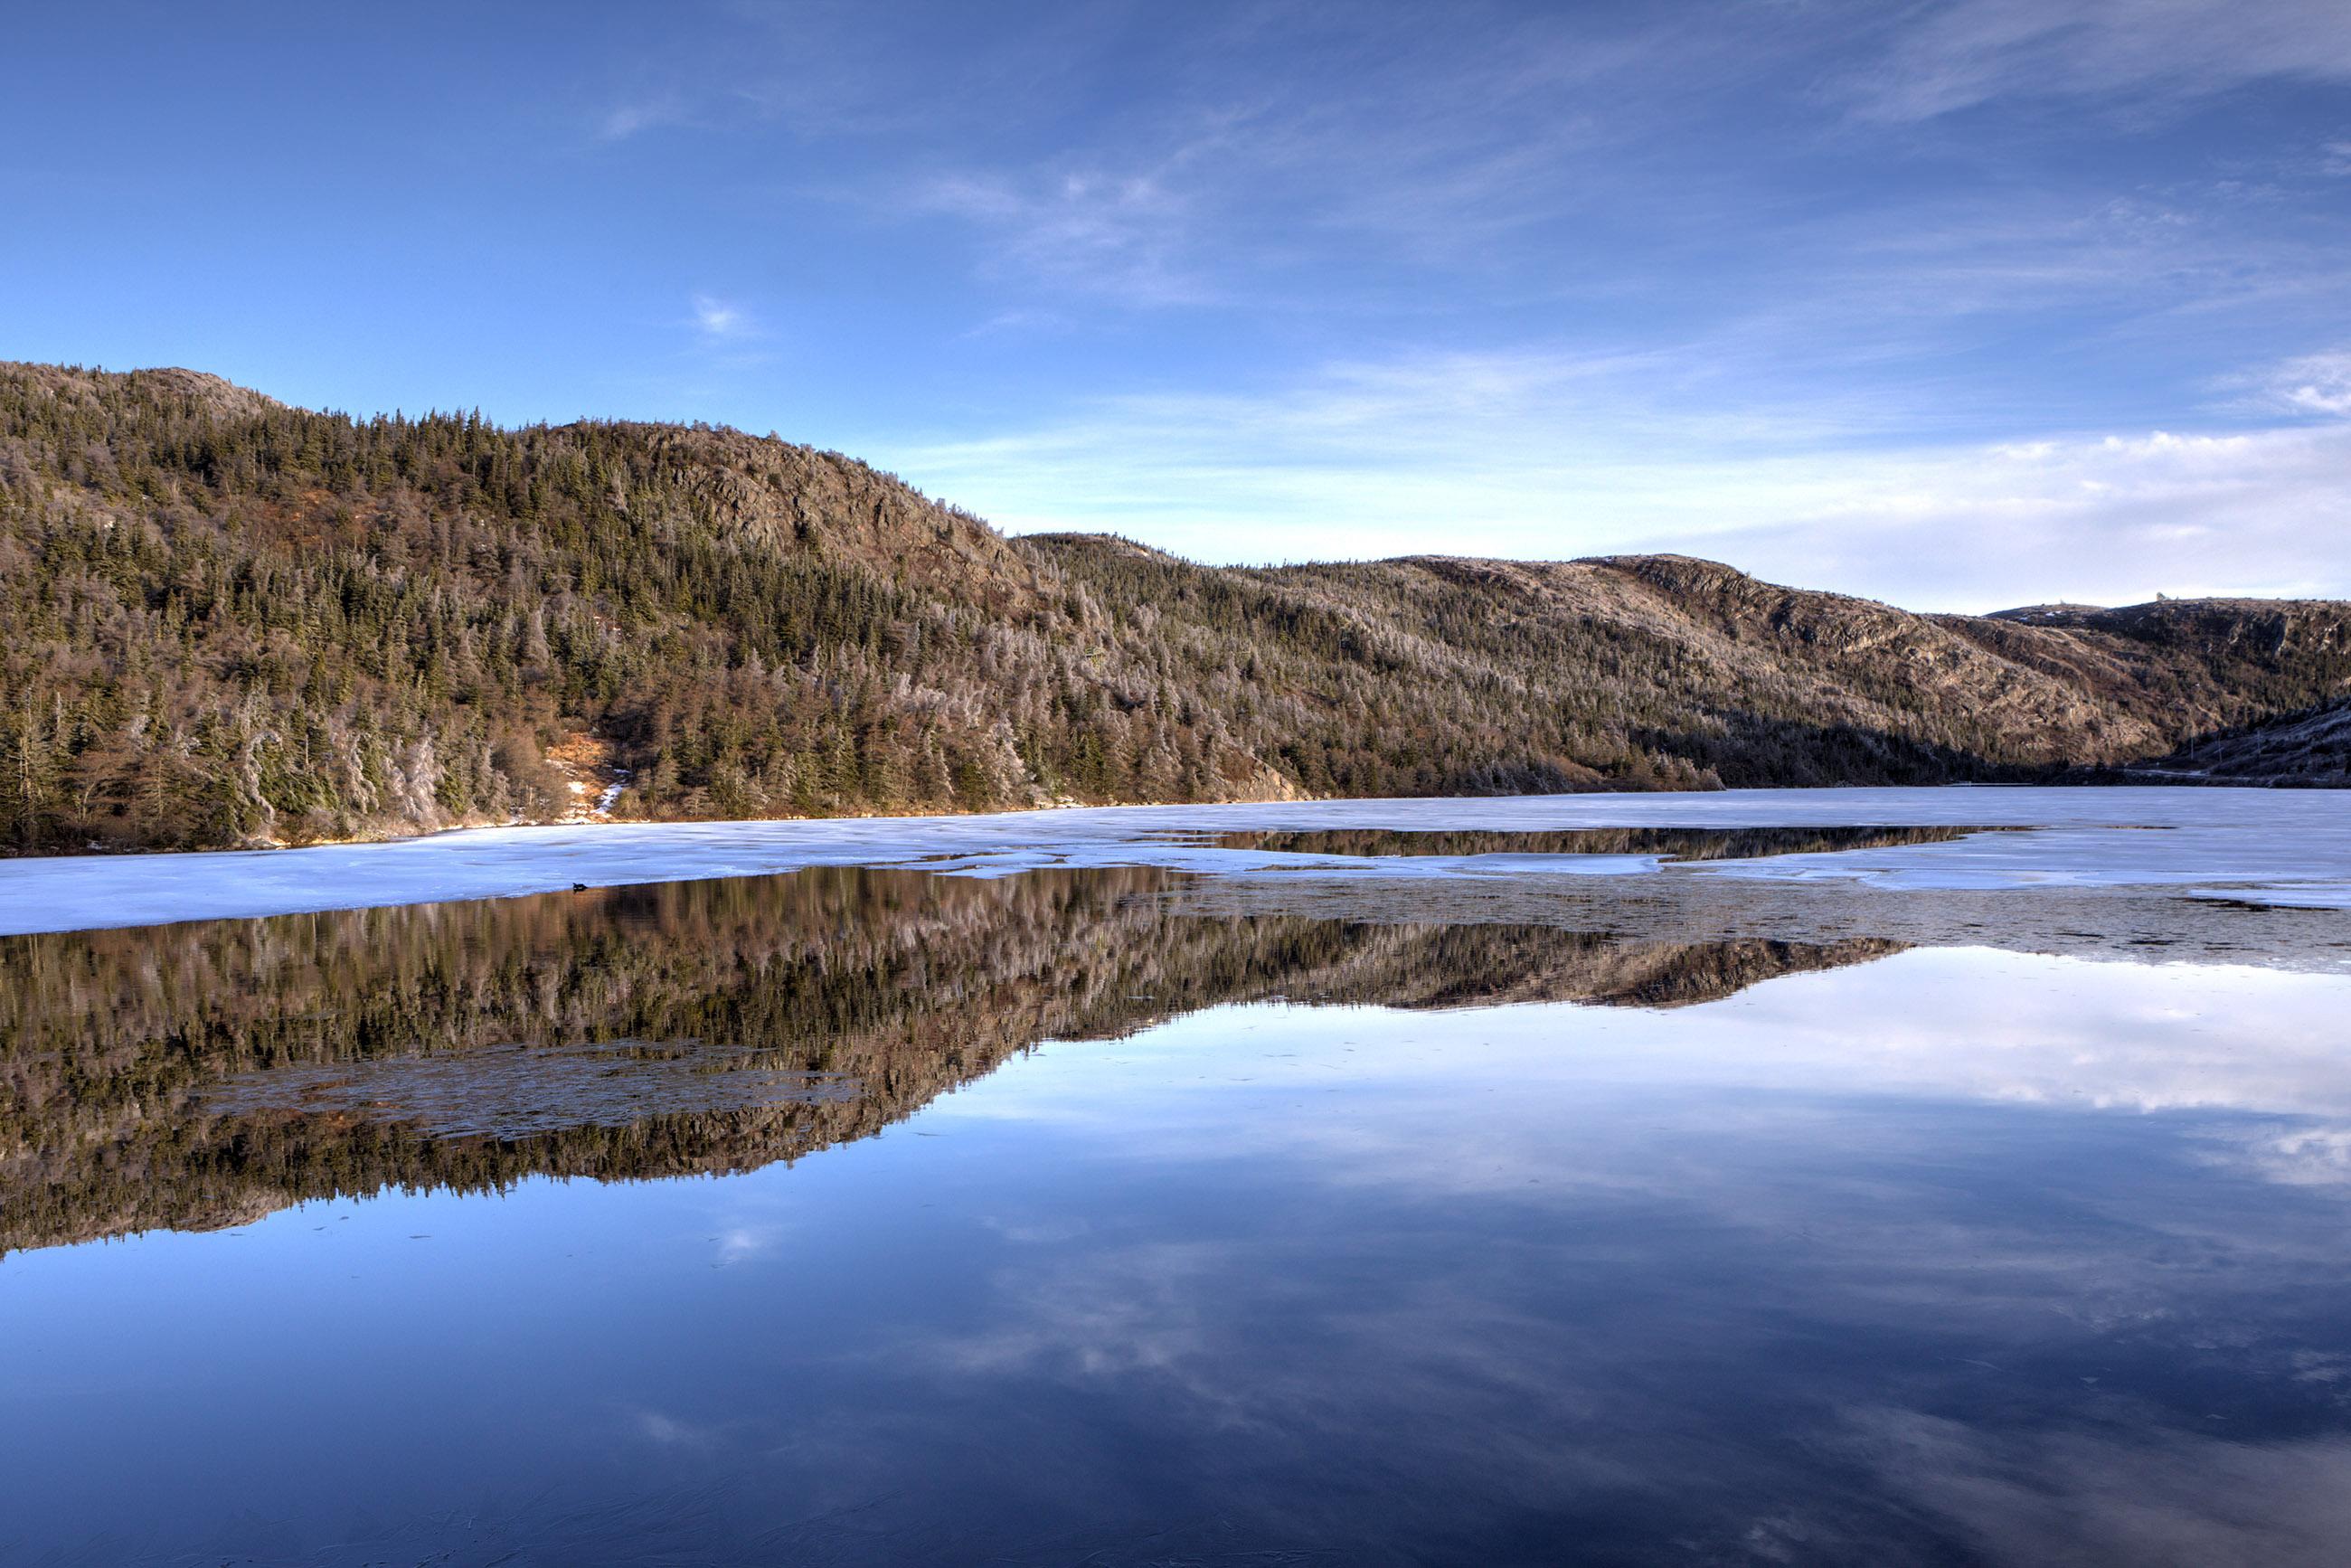 Winter lake reflection photo